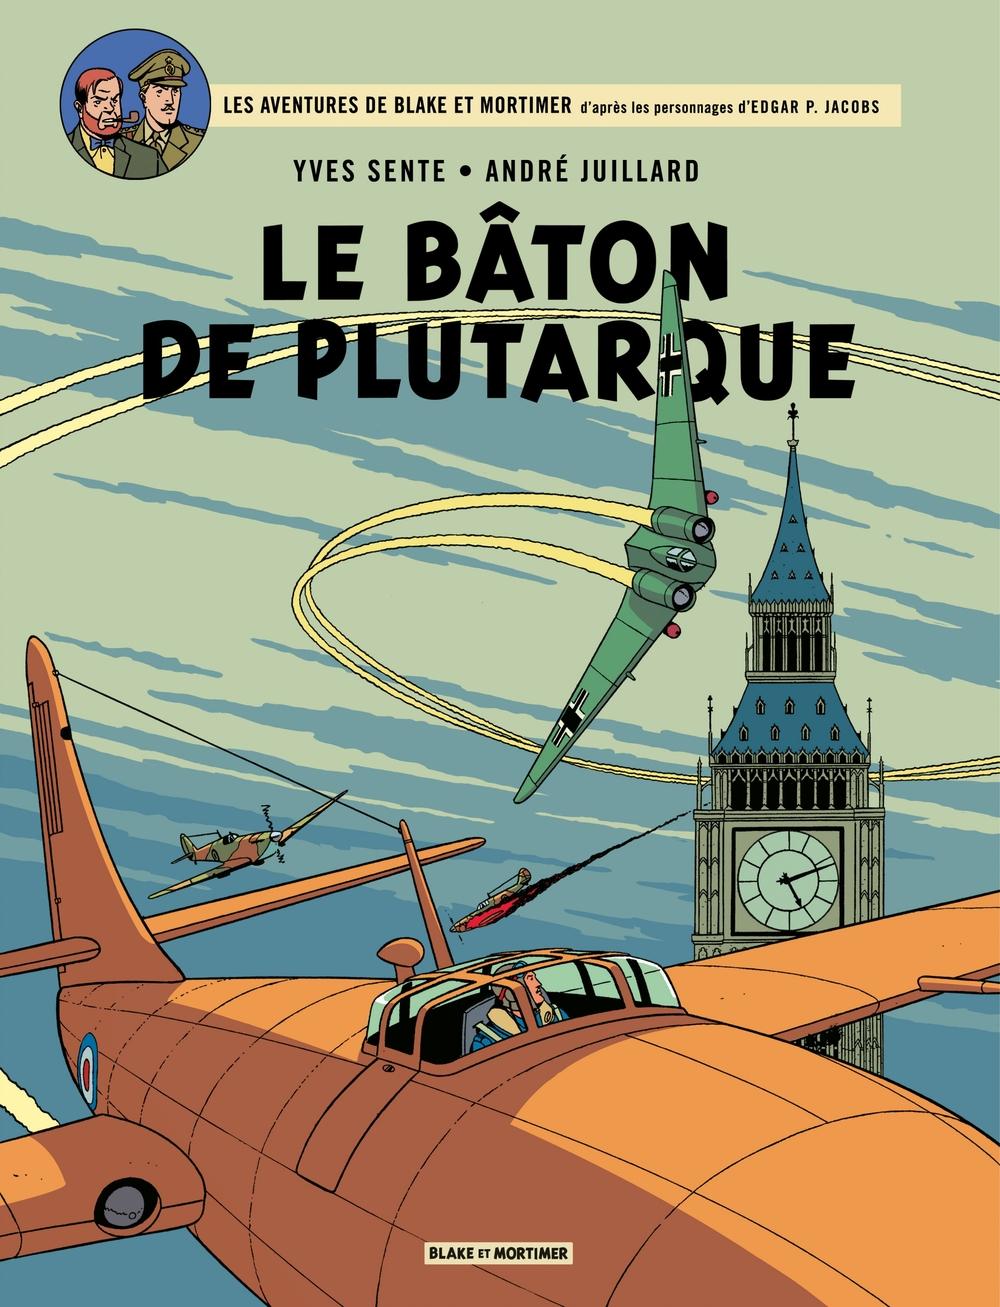 Blake et Mortimer - Tome 23 - Bâton de Plutarque (Le) | André Juillard,